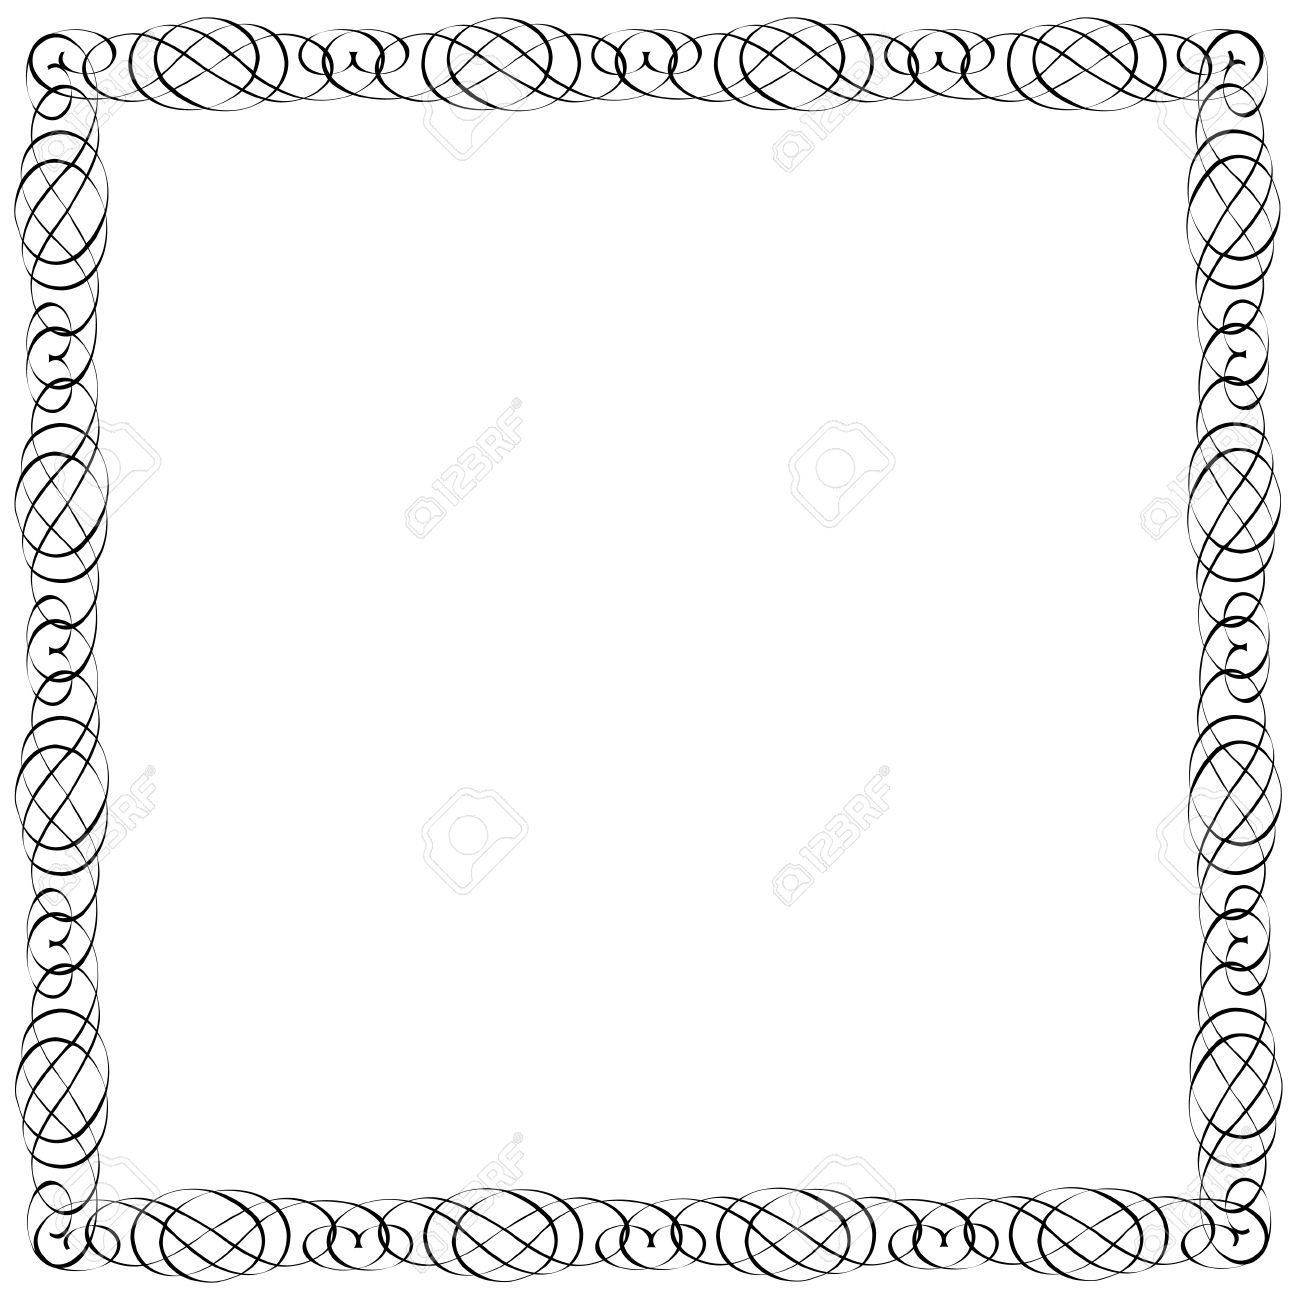 Marco Simple Para El Diseño Caligráfico Ilustraciones Vectoriales ...